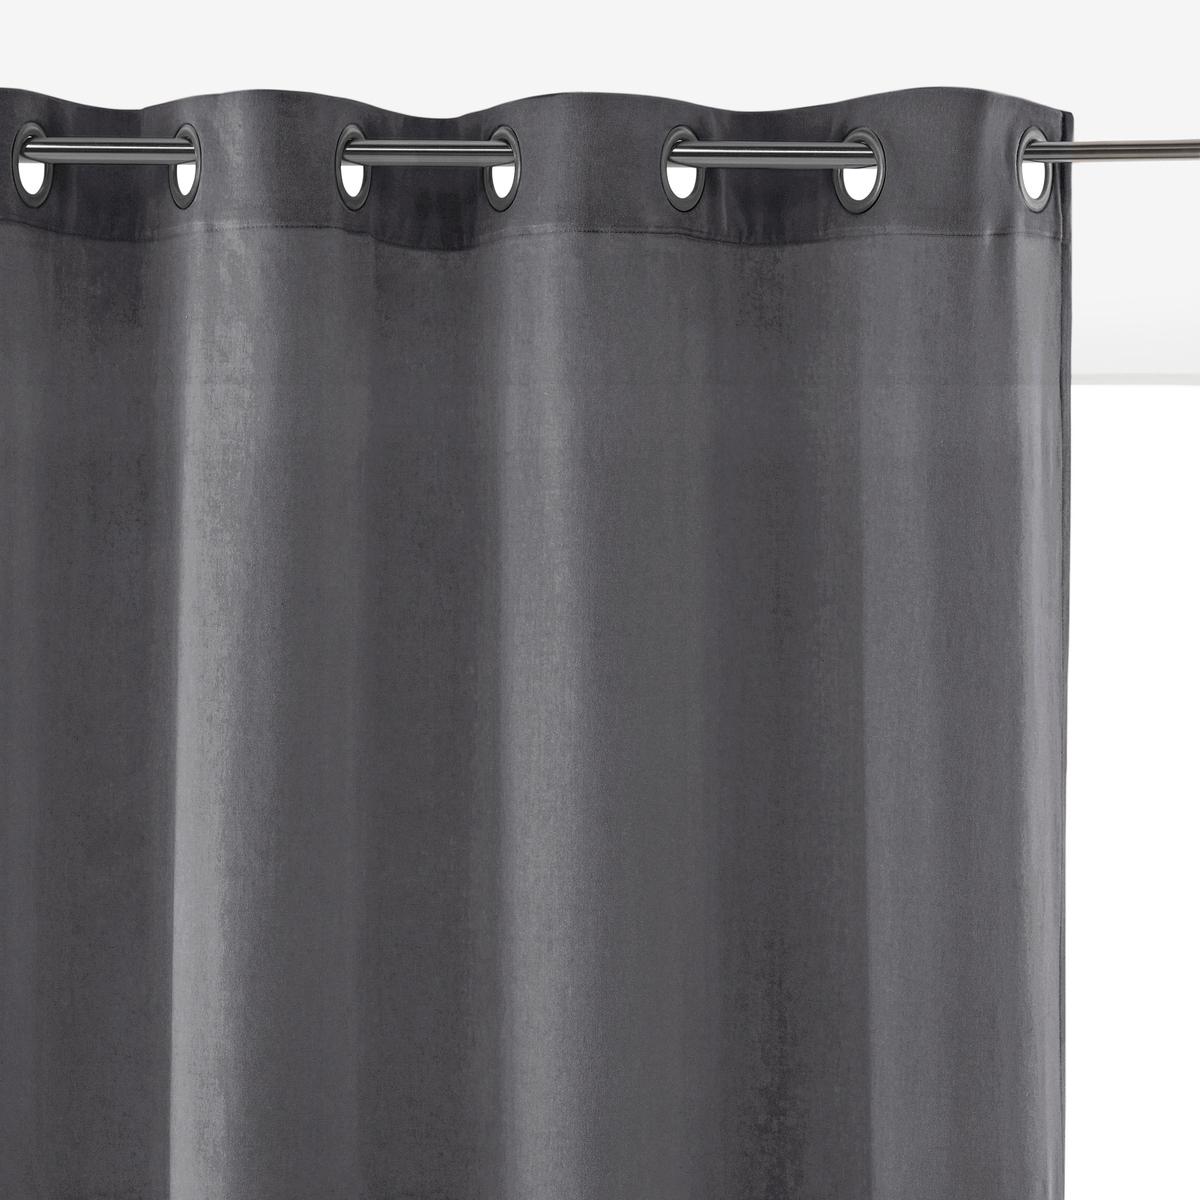 Велюровая La Redoute Штора с люверсами VELVET 260 x 135 см серый штора с люверсами 100% хлопок aron